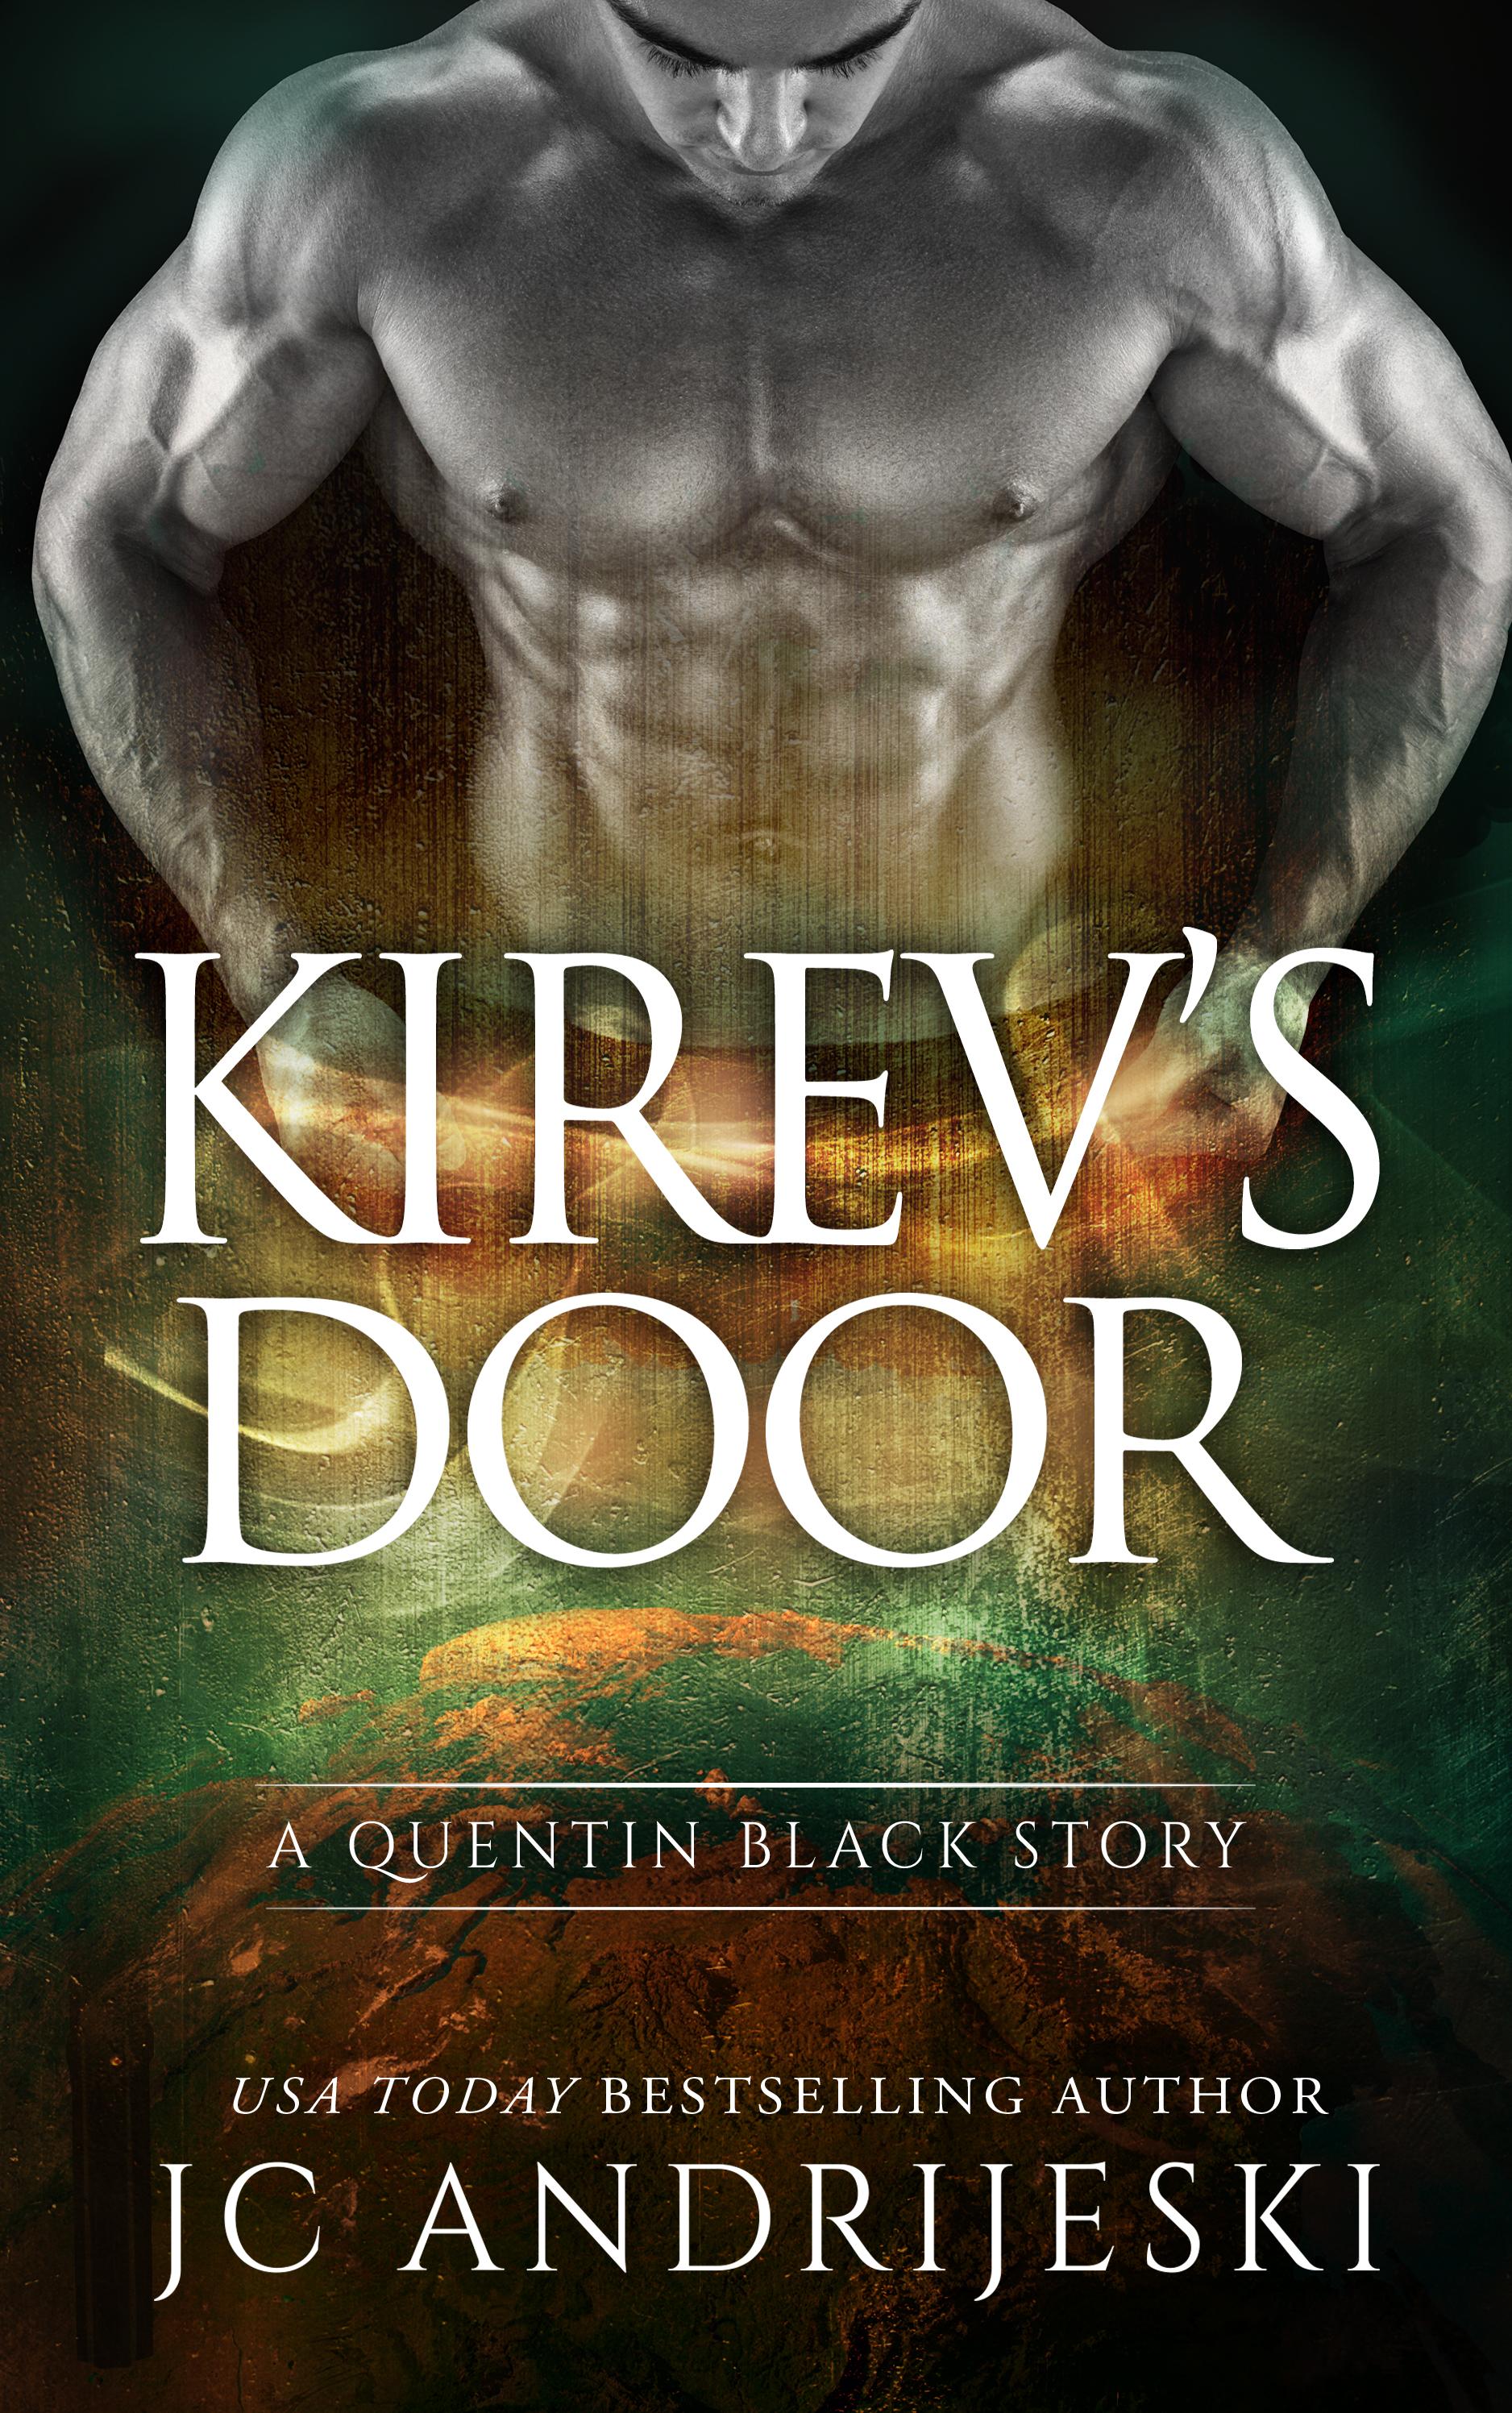 KIREV'S DOOR